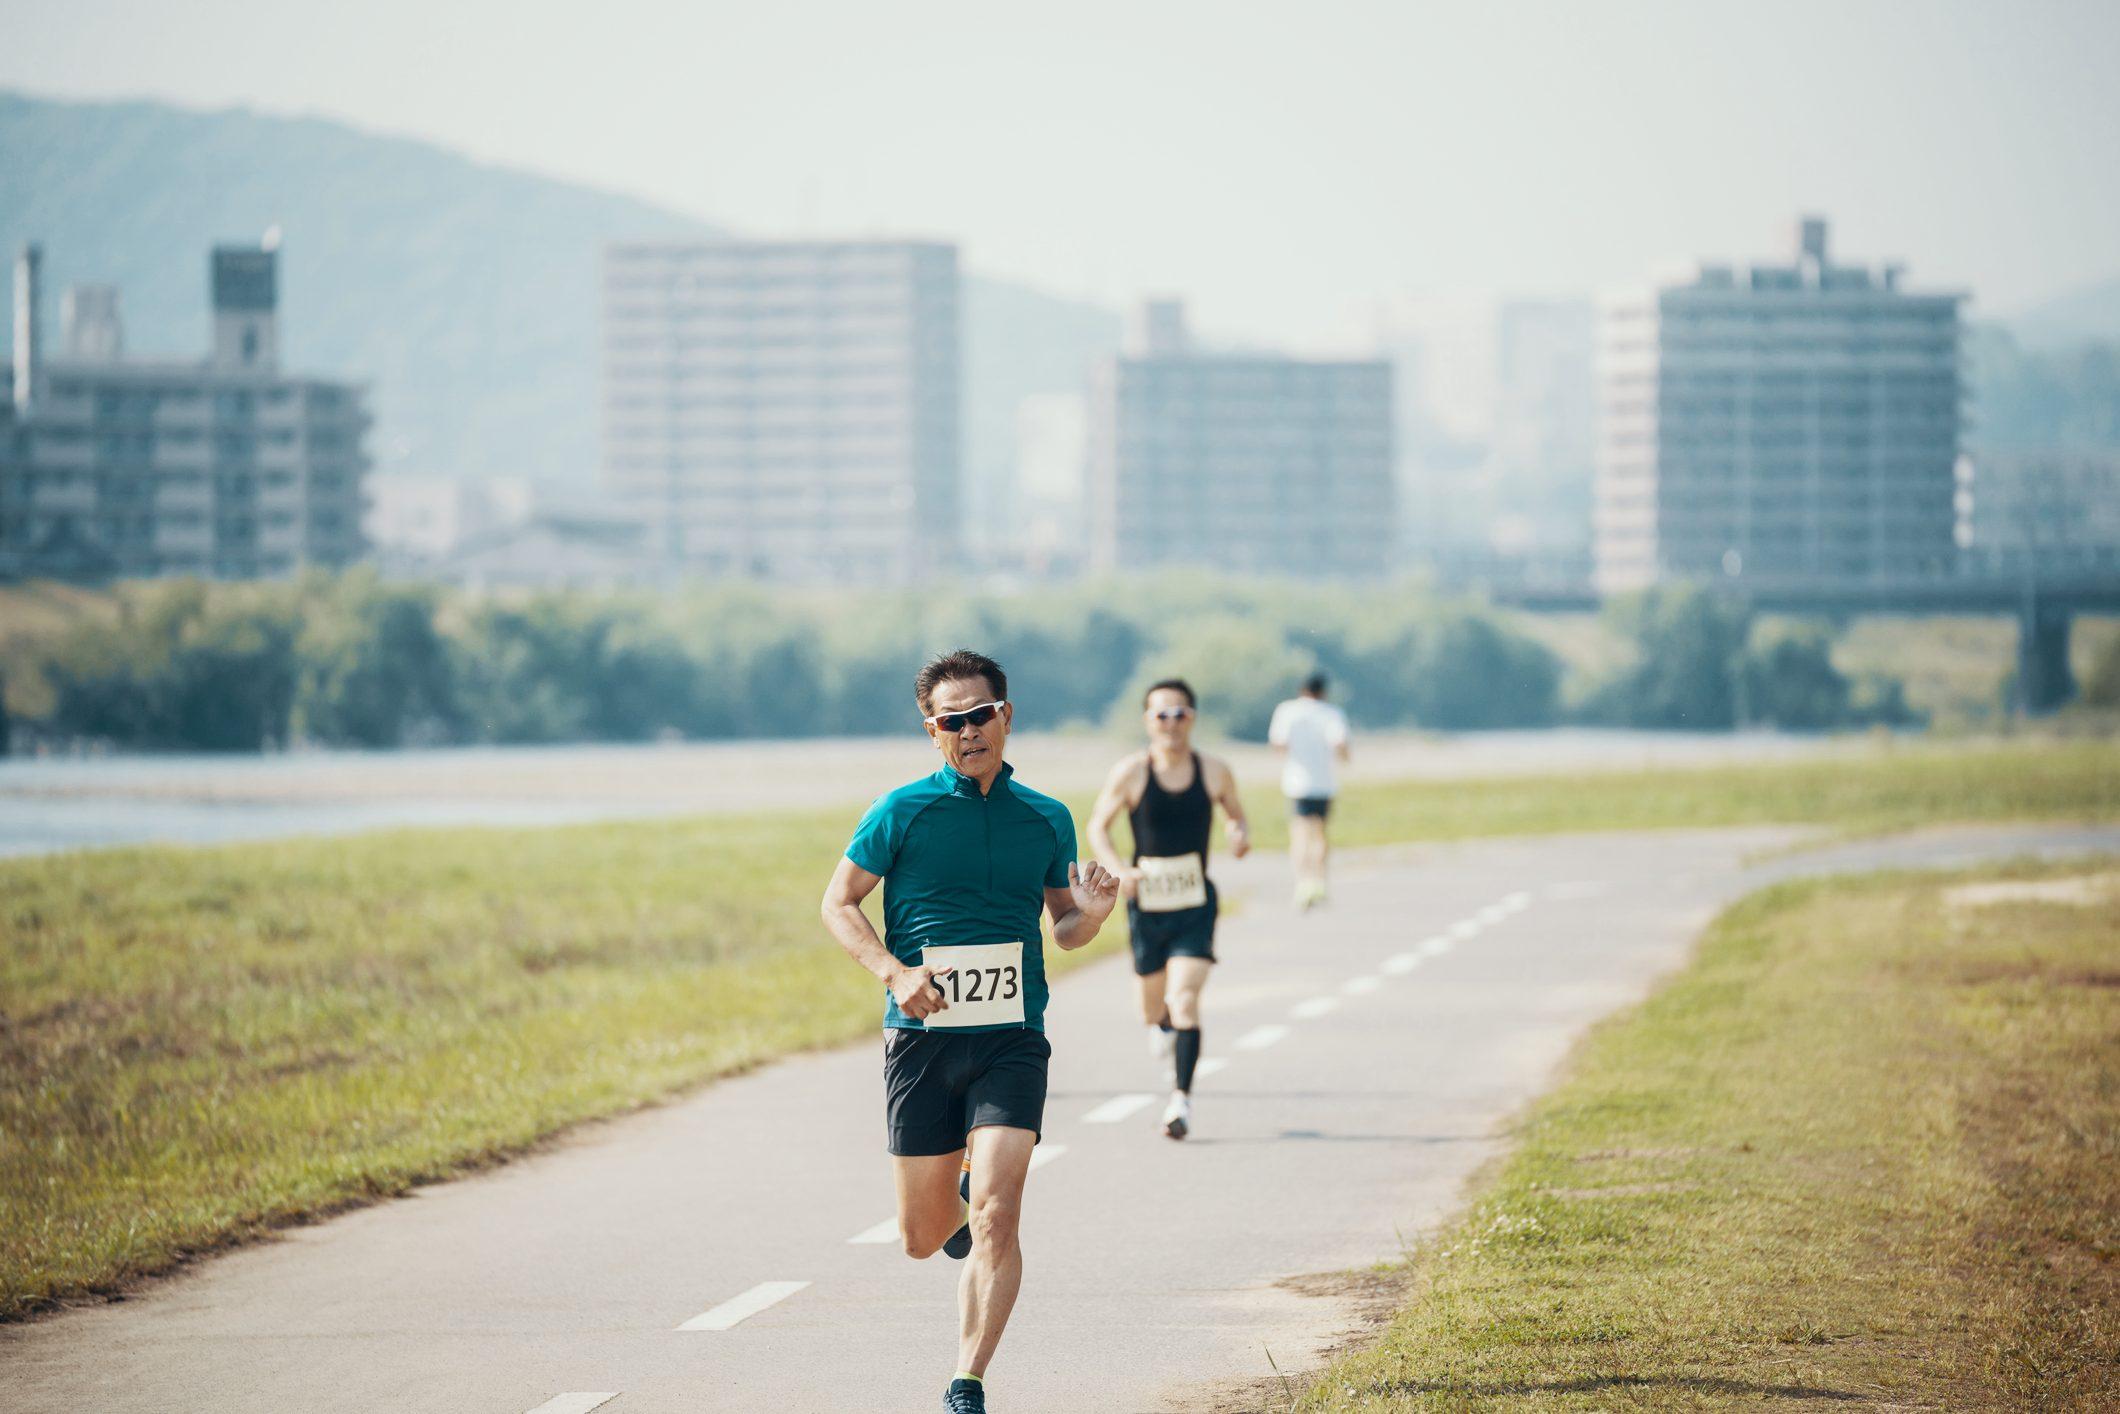 men running a marathon